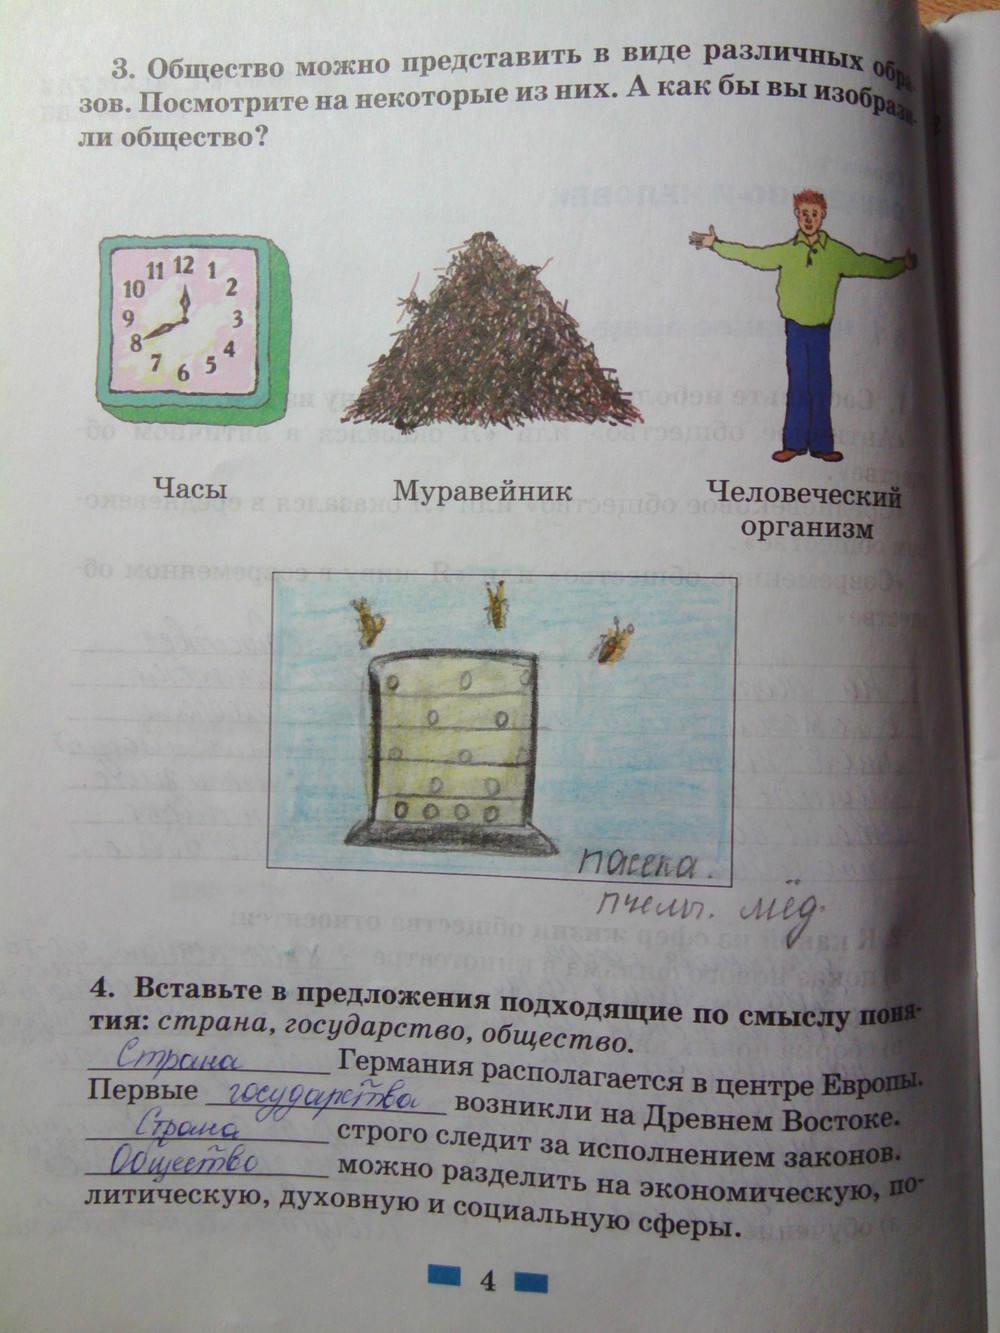 Гдз По Обществознанию 7 Класс По Учебнику Кравченко И Певцовой